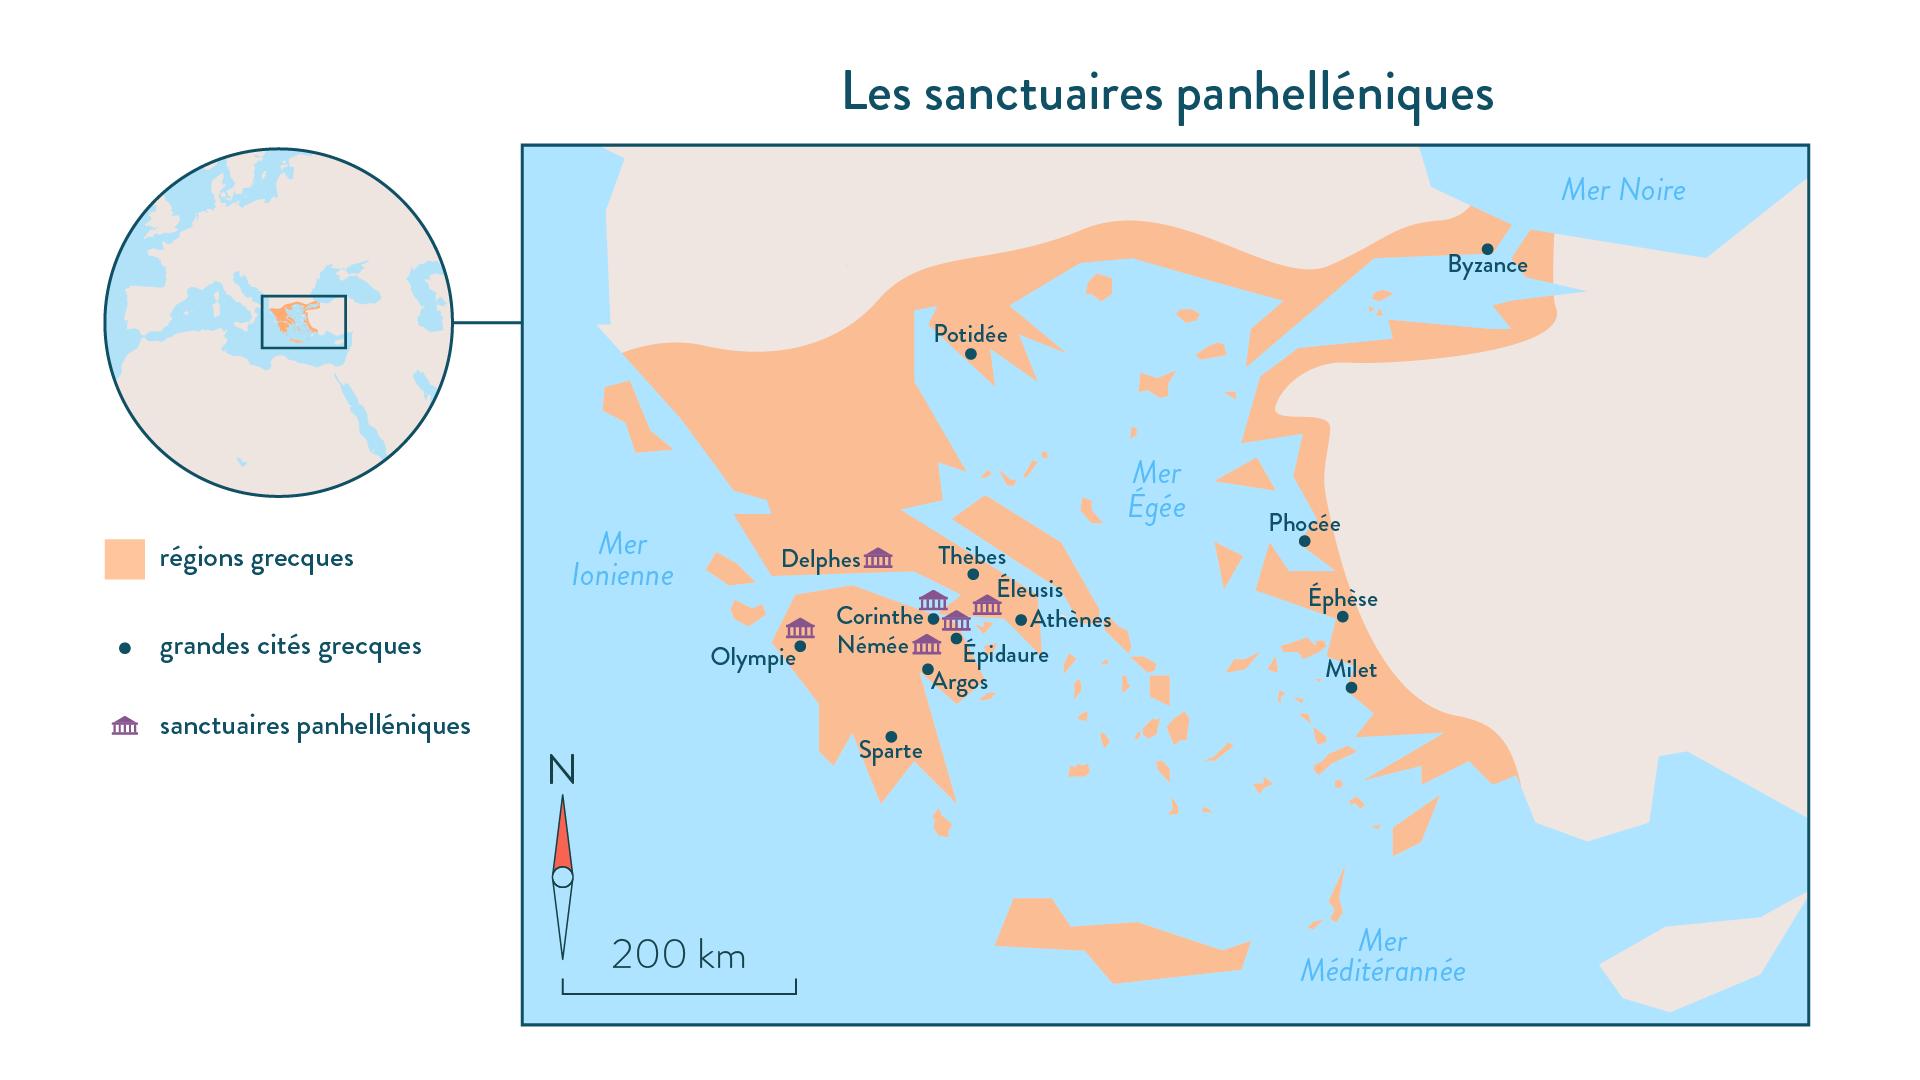 Histoire-6e-Les sanctuaires panhélléniques